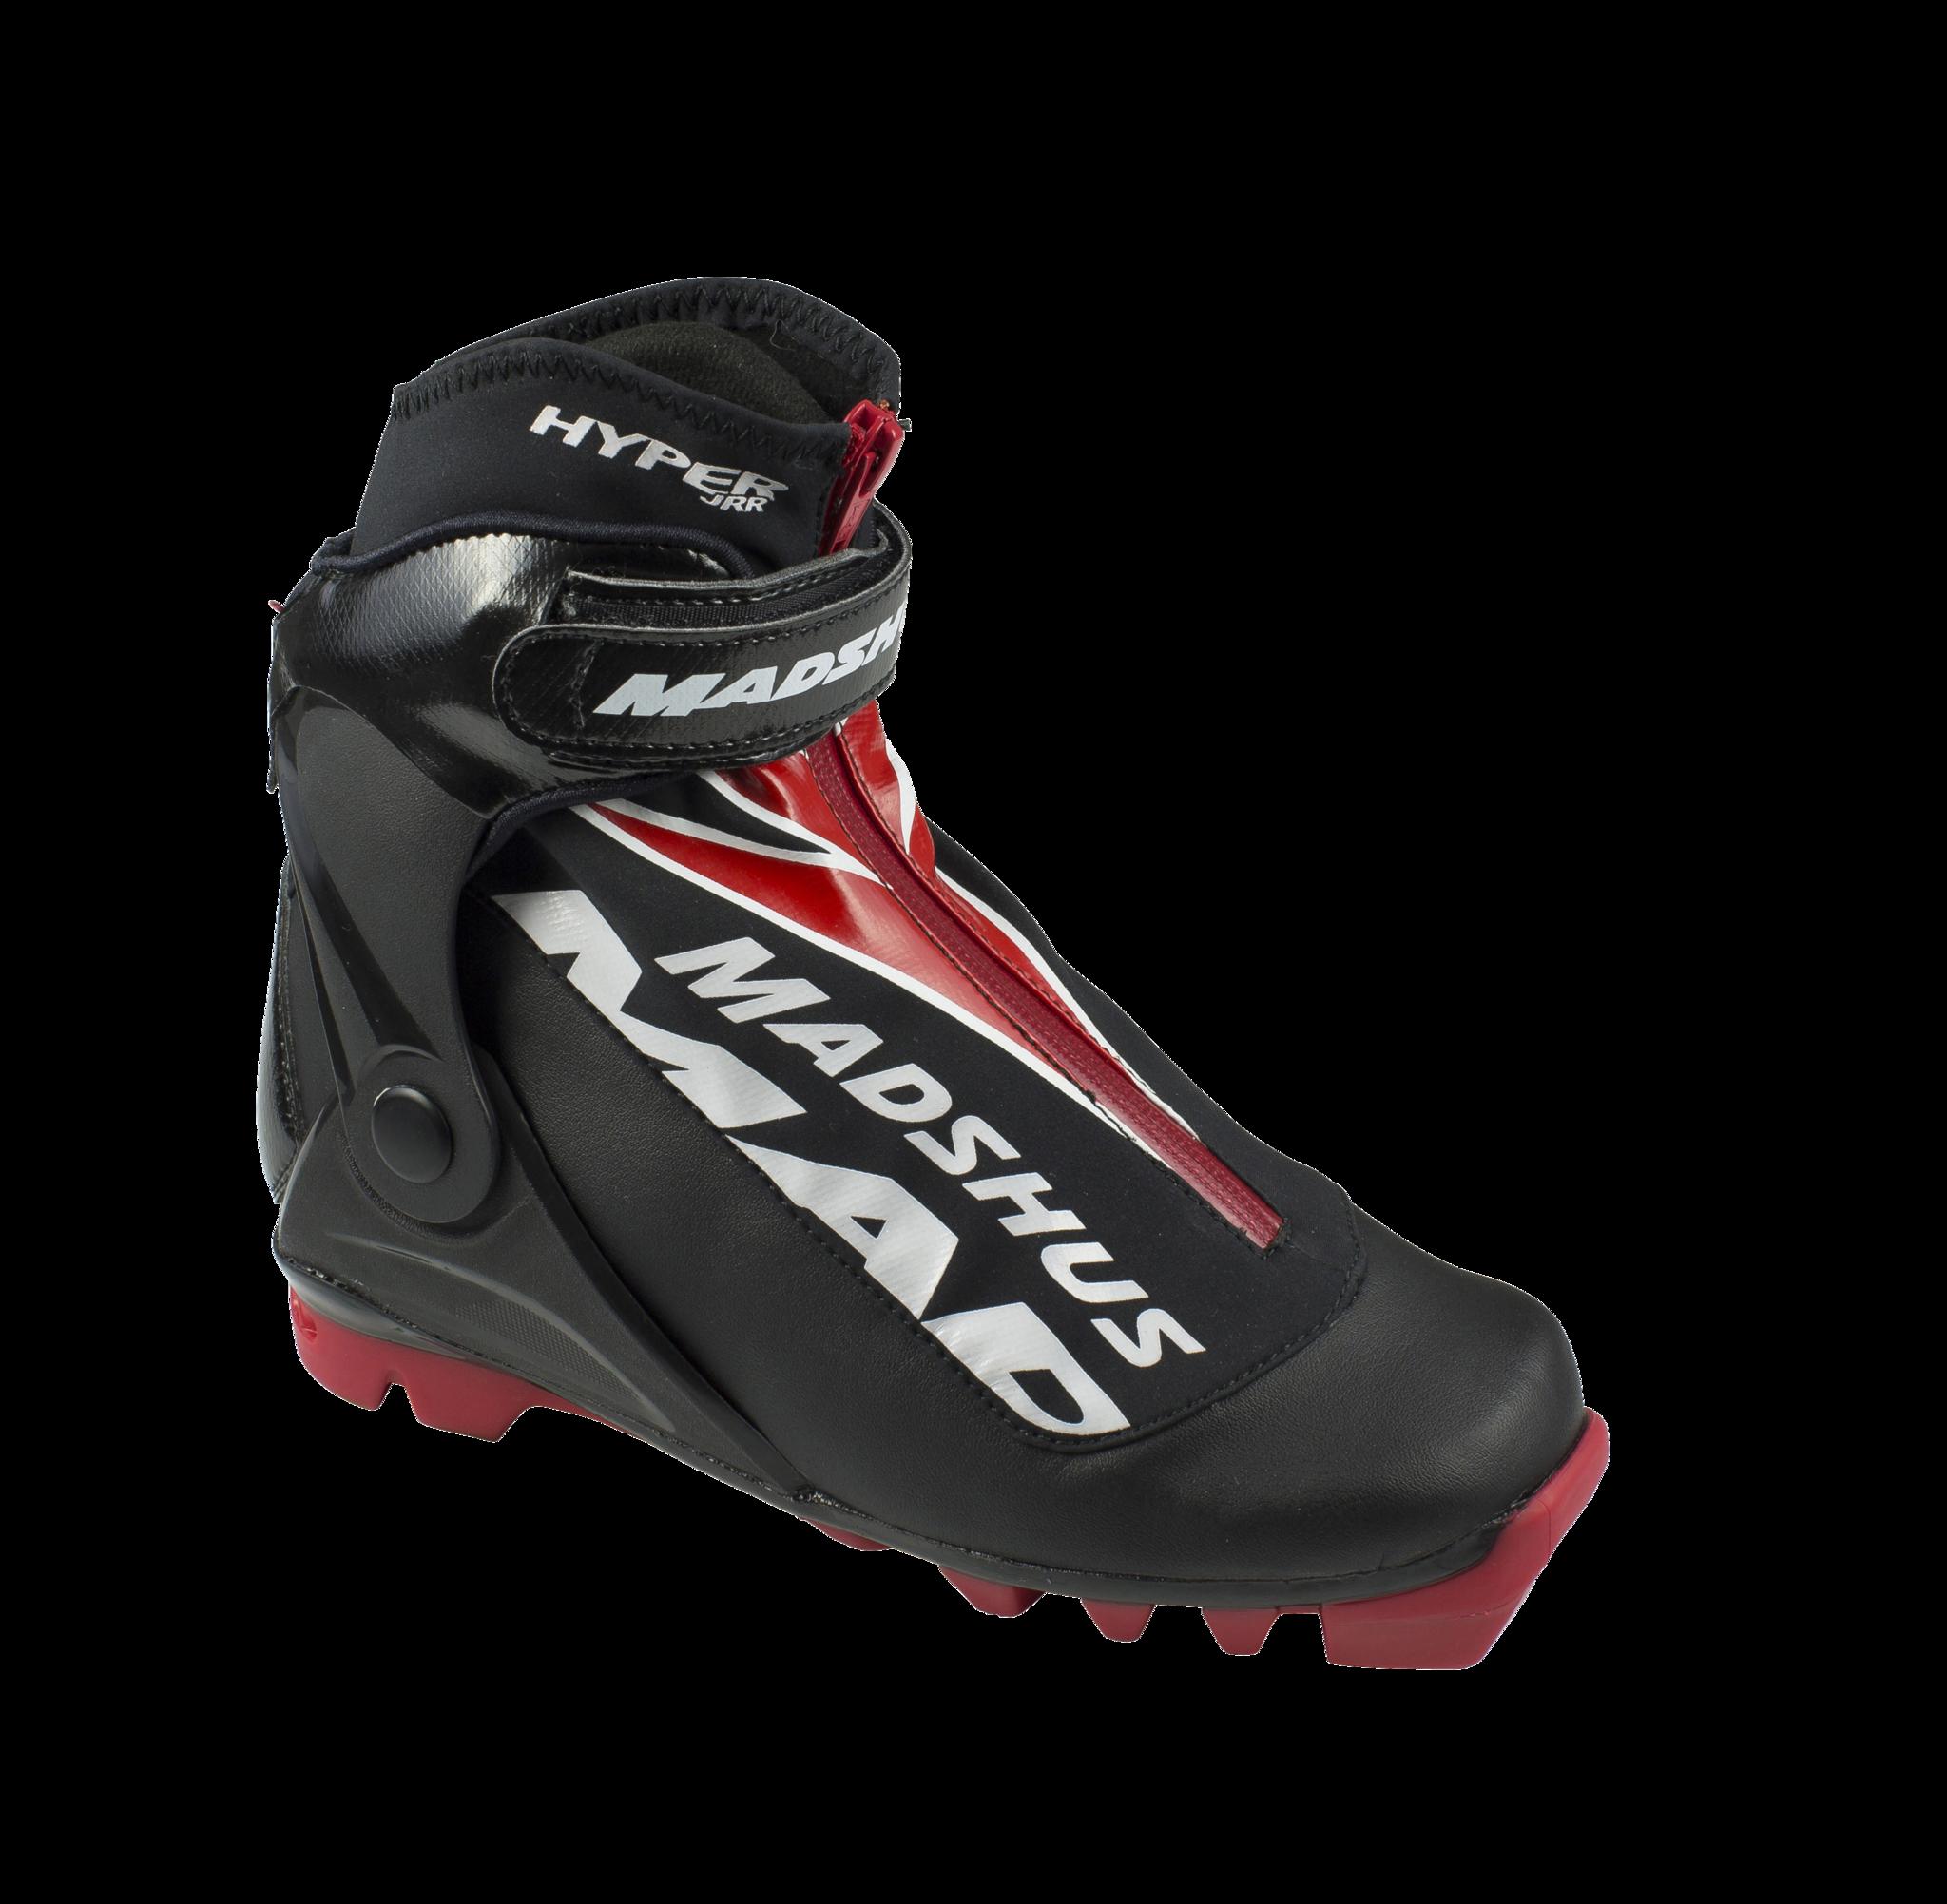 Лыжные ботинки универсальные Madshus Hyper JRR